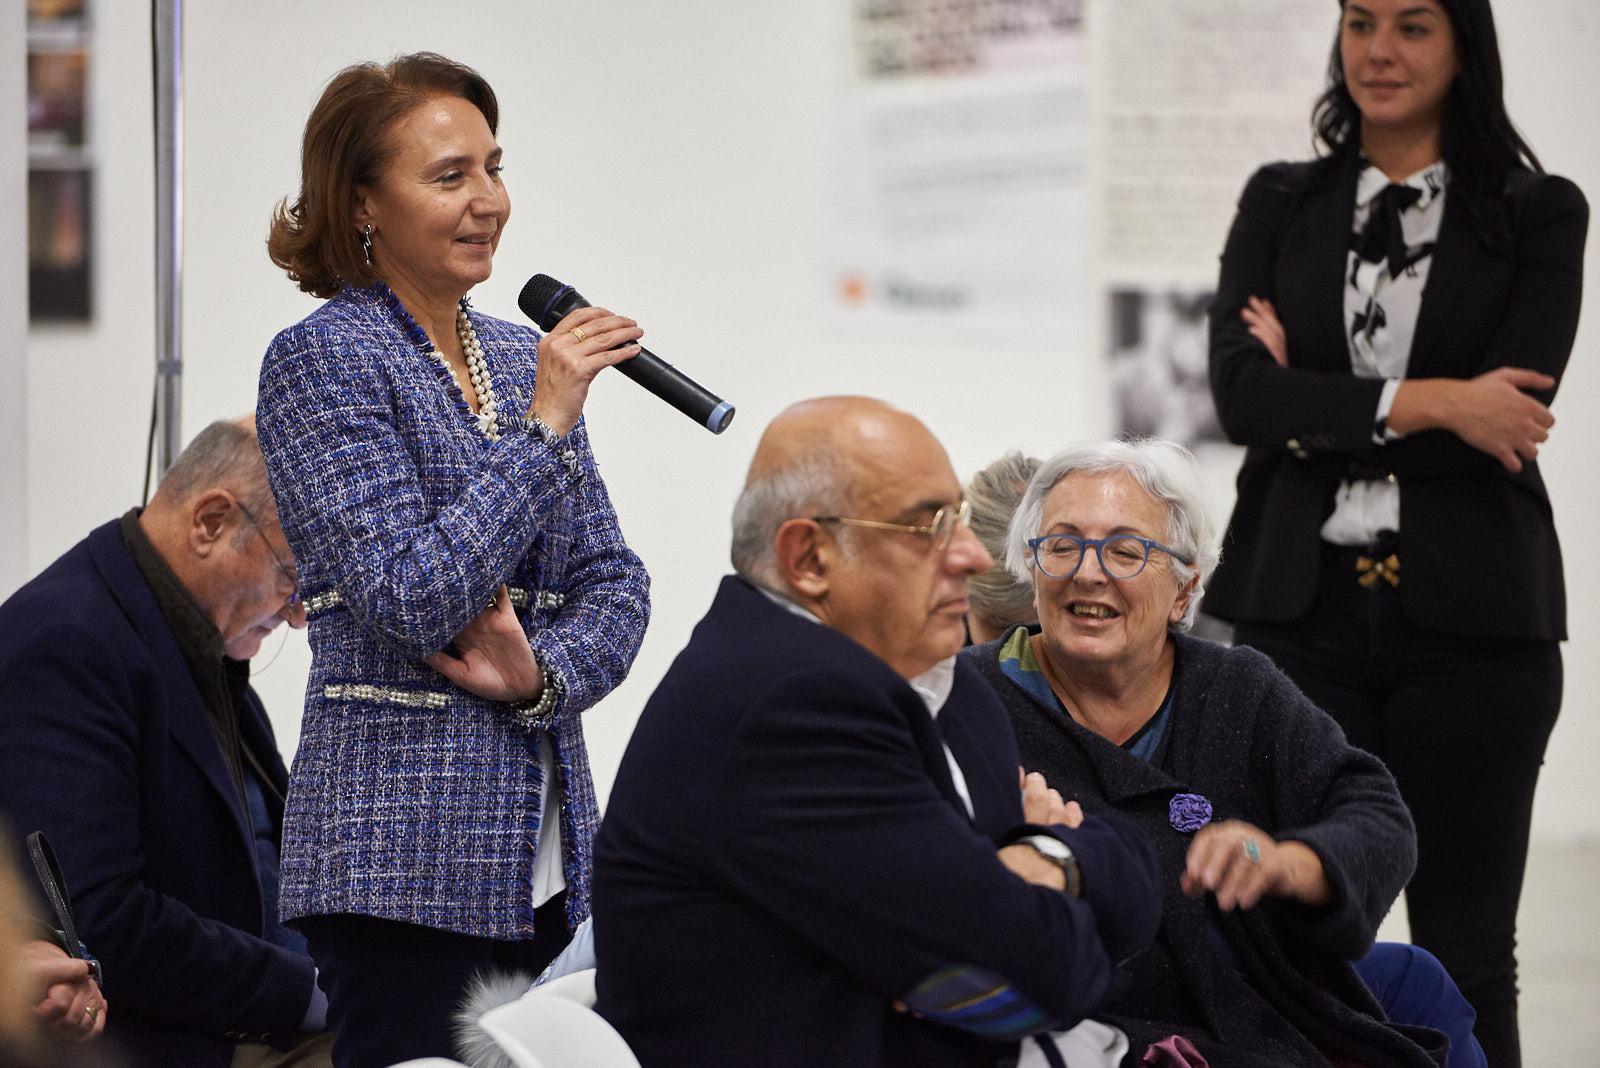 Enza Nunziato, giornalista impegnata nella diffusione del messaggio dei Giusti, rappresentante di Gariwo nella città di Benevento